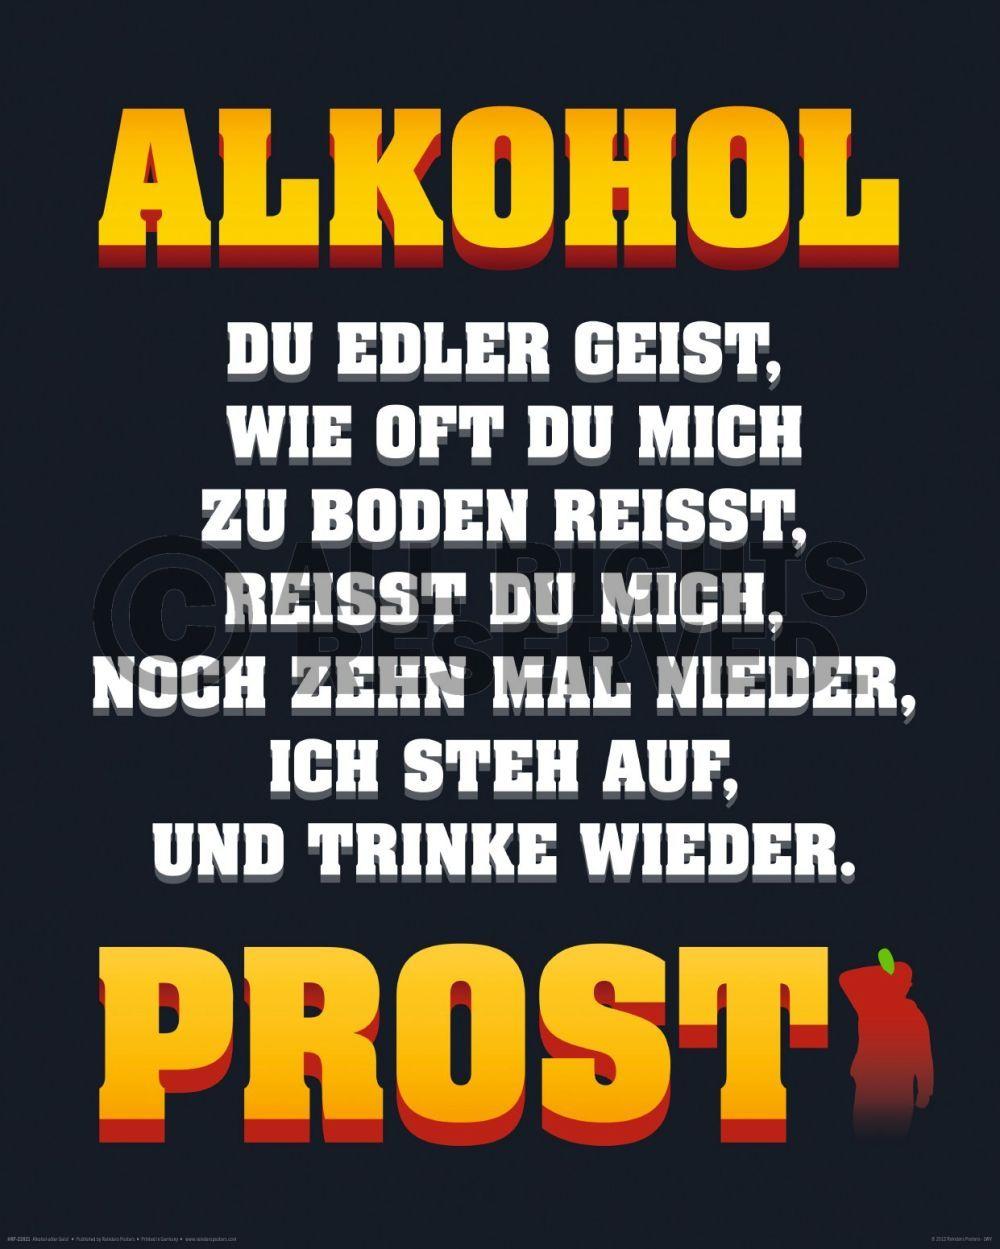 Poster: Alkohol edler Geist online te koop. Bestel je poster, je 3d filmposter of soortgelijk product Mini Poster